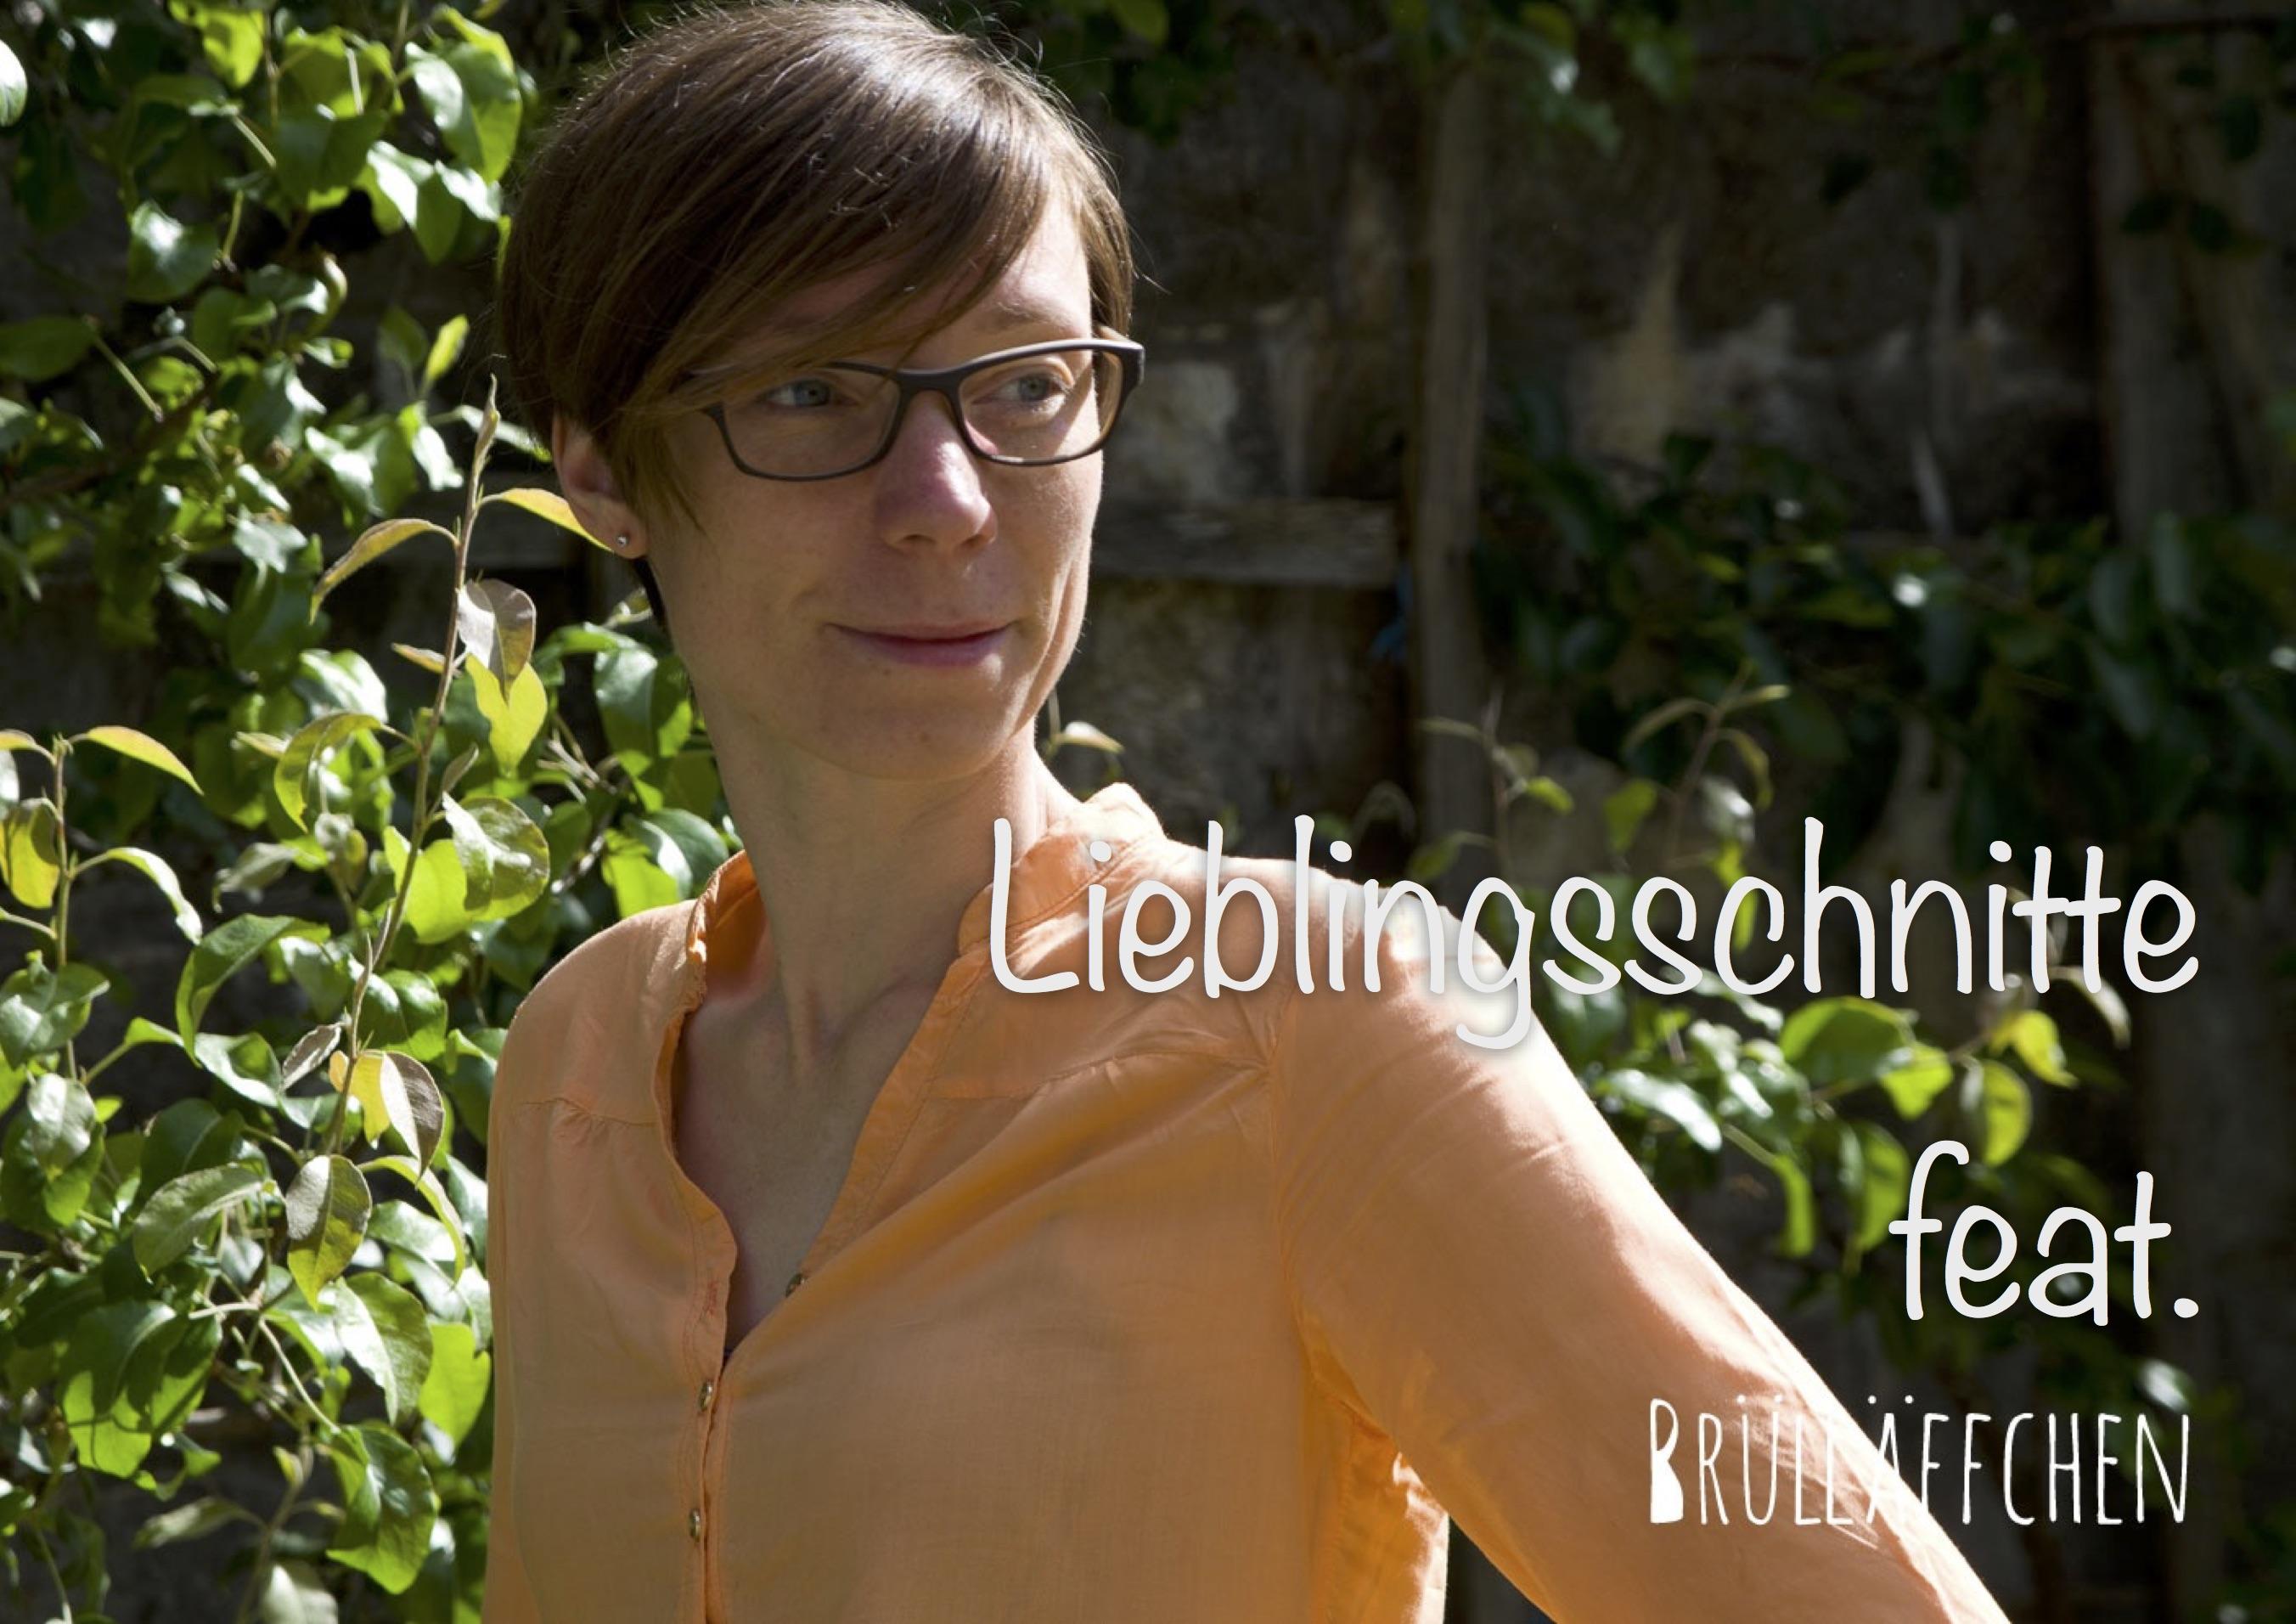 Lieblingsschnitte feat. @bülläffchen